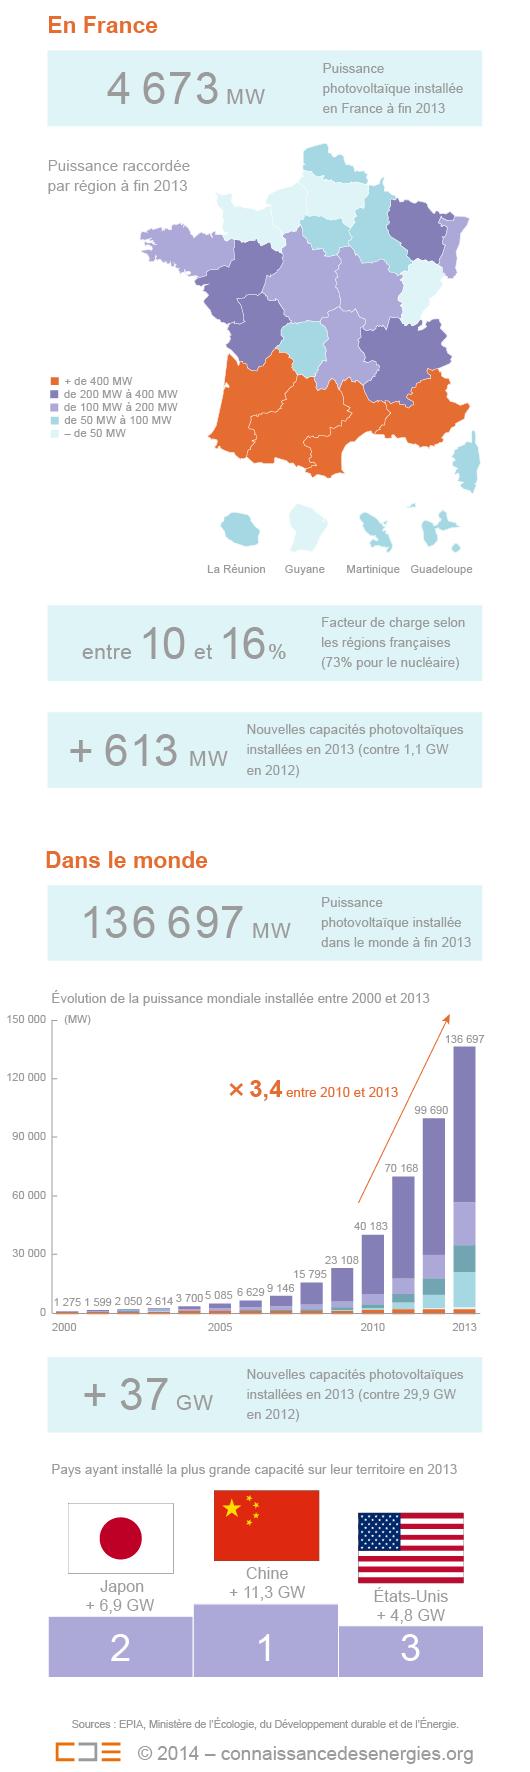 L'énergie photovoltaïque en 2013